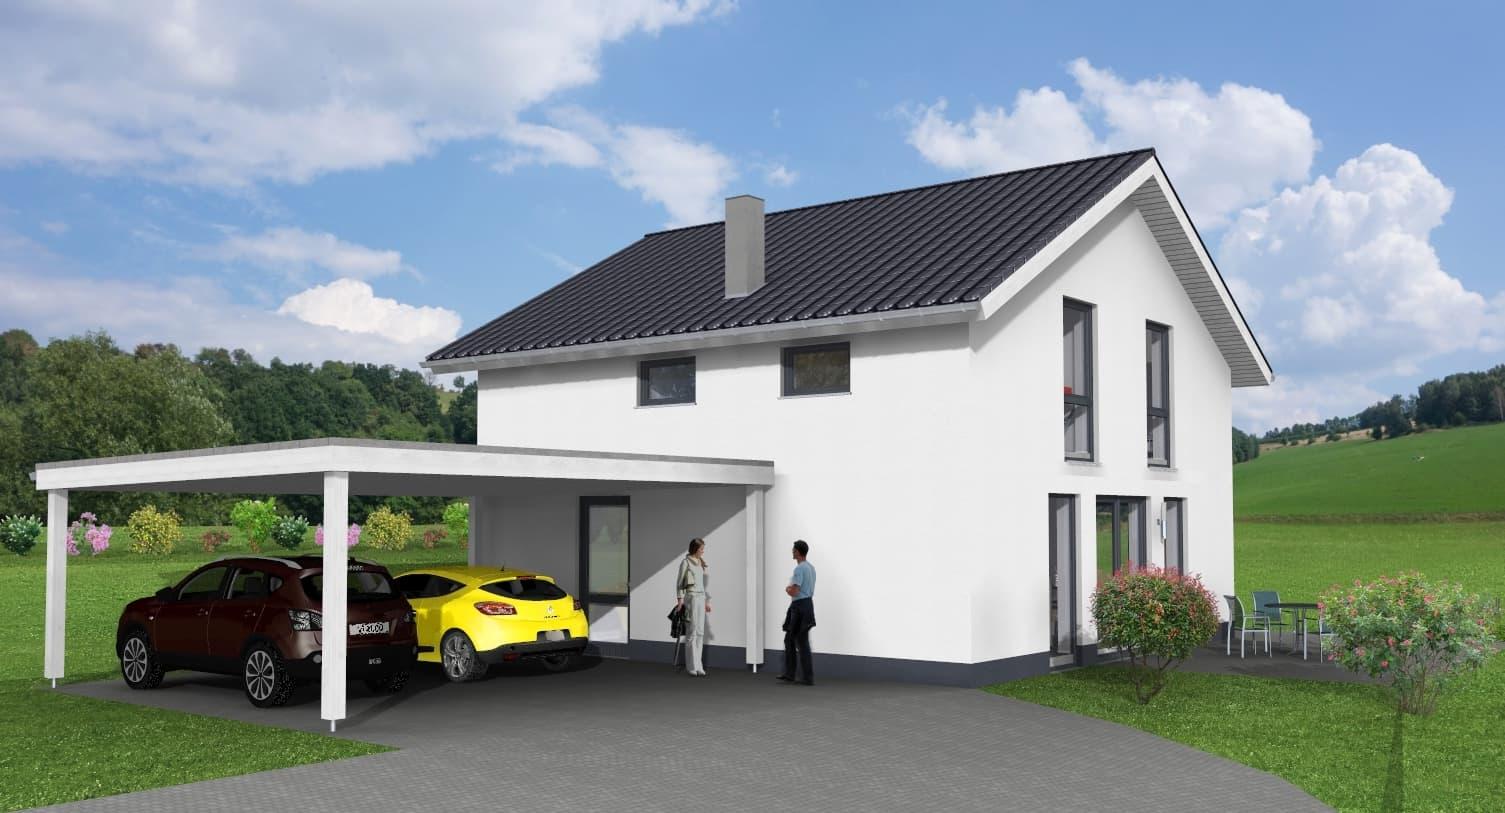 EFH mit Carport in Hanglage in 98590 Schwallungen